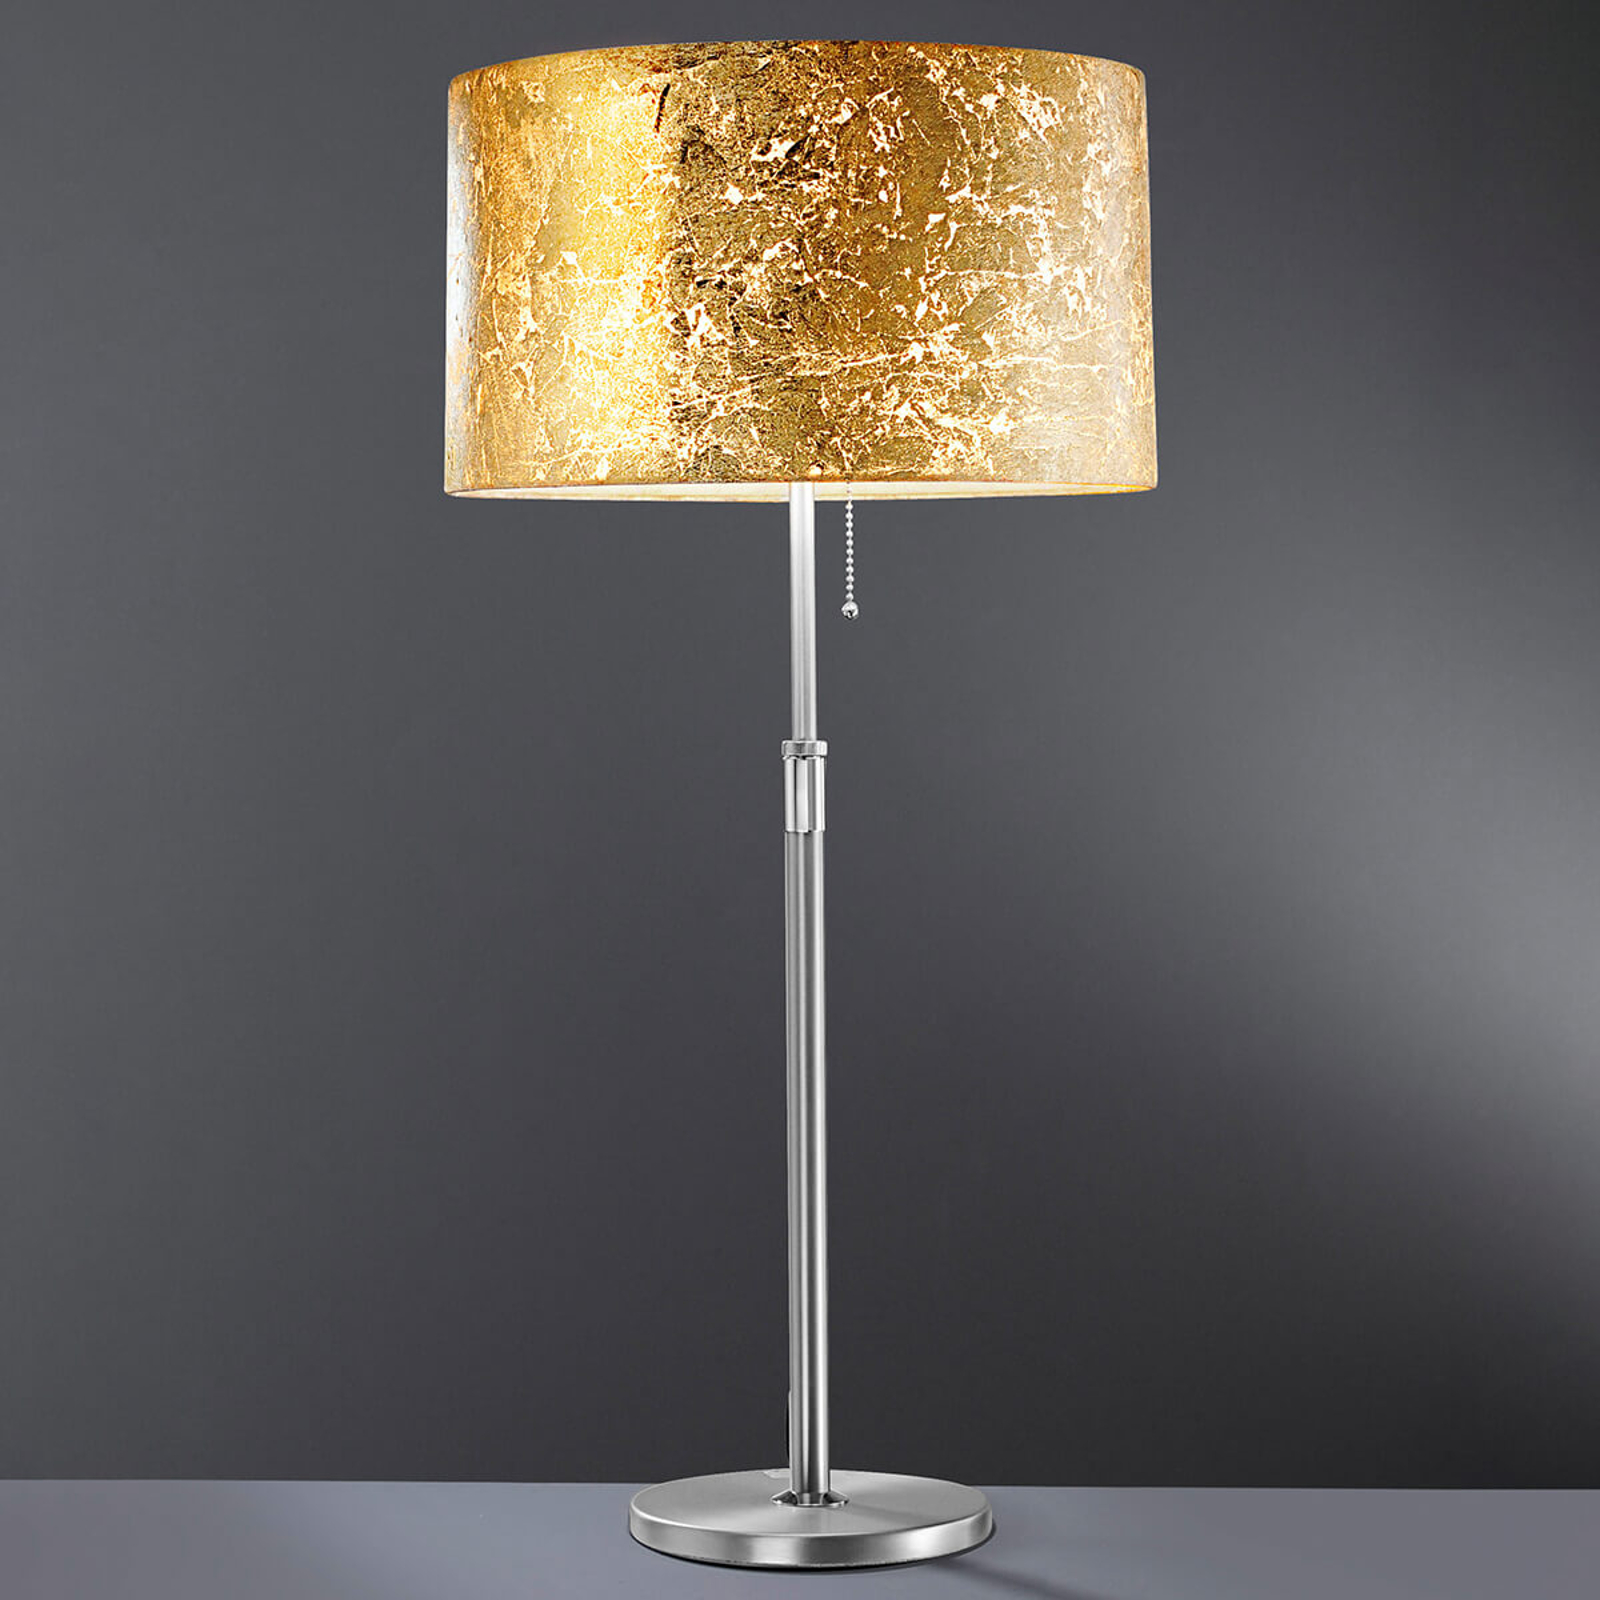 Loop - lampa stołowa z płatkowym złotem